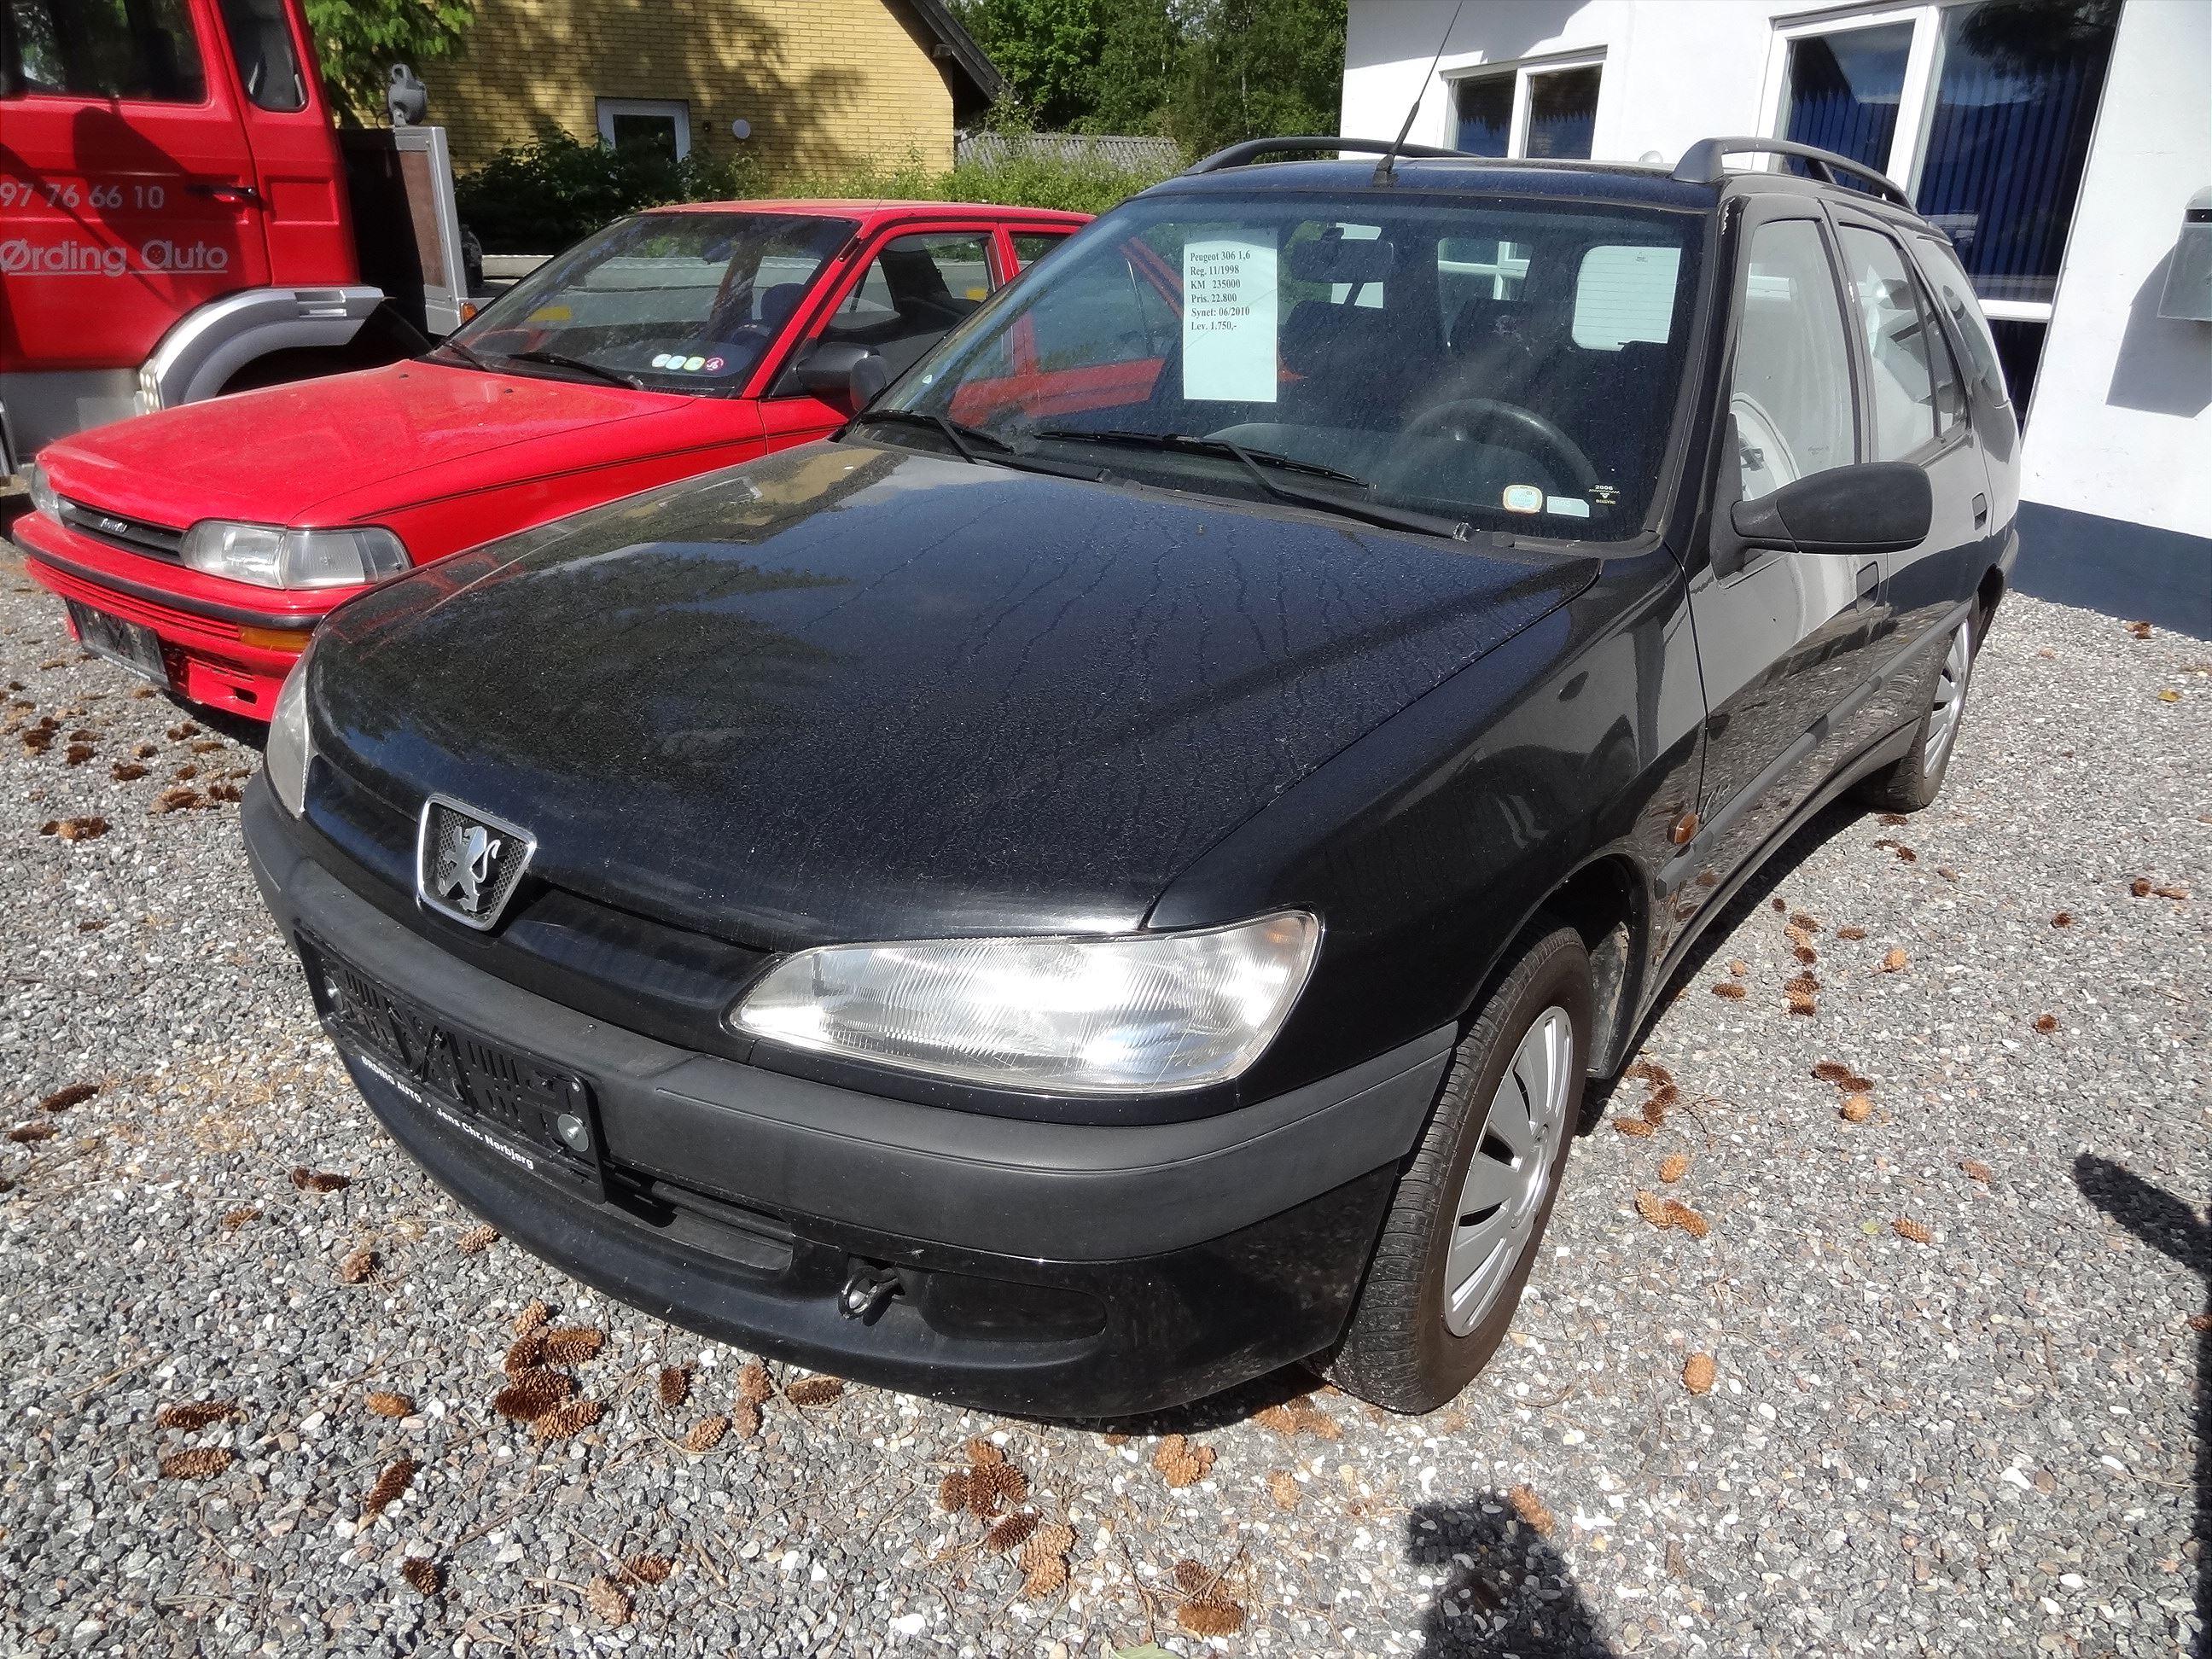 Brugt Peugeot 306 1,6 (1998) 235.000 km, Øster Assels 7990, Morsø, Nordjylland, Til salg hos ...